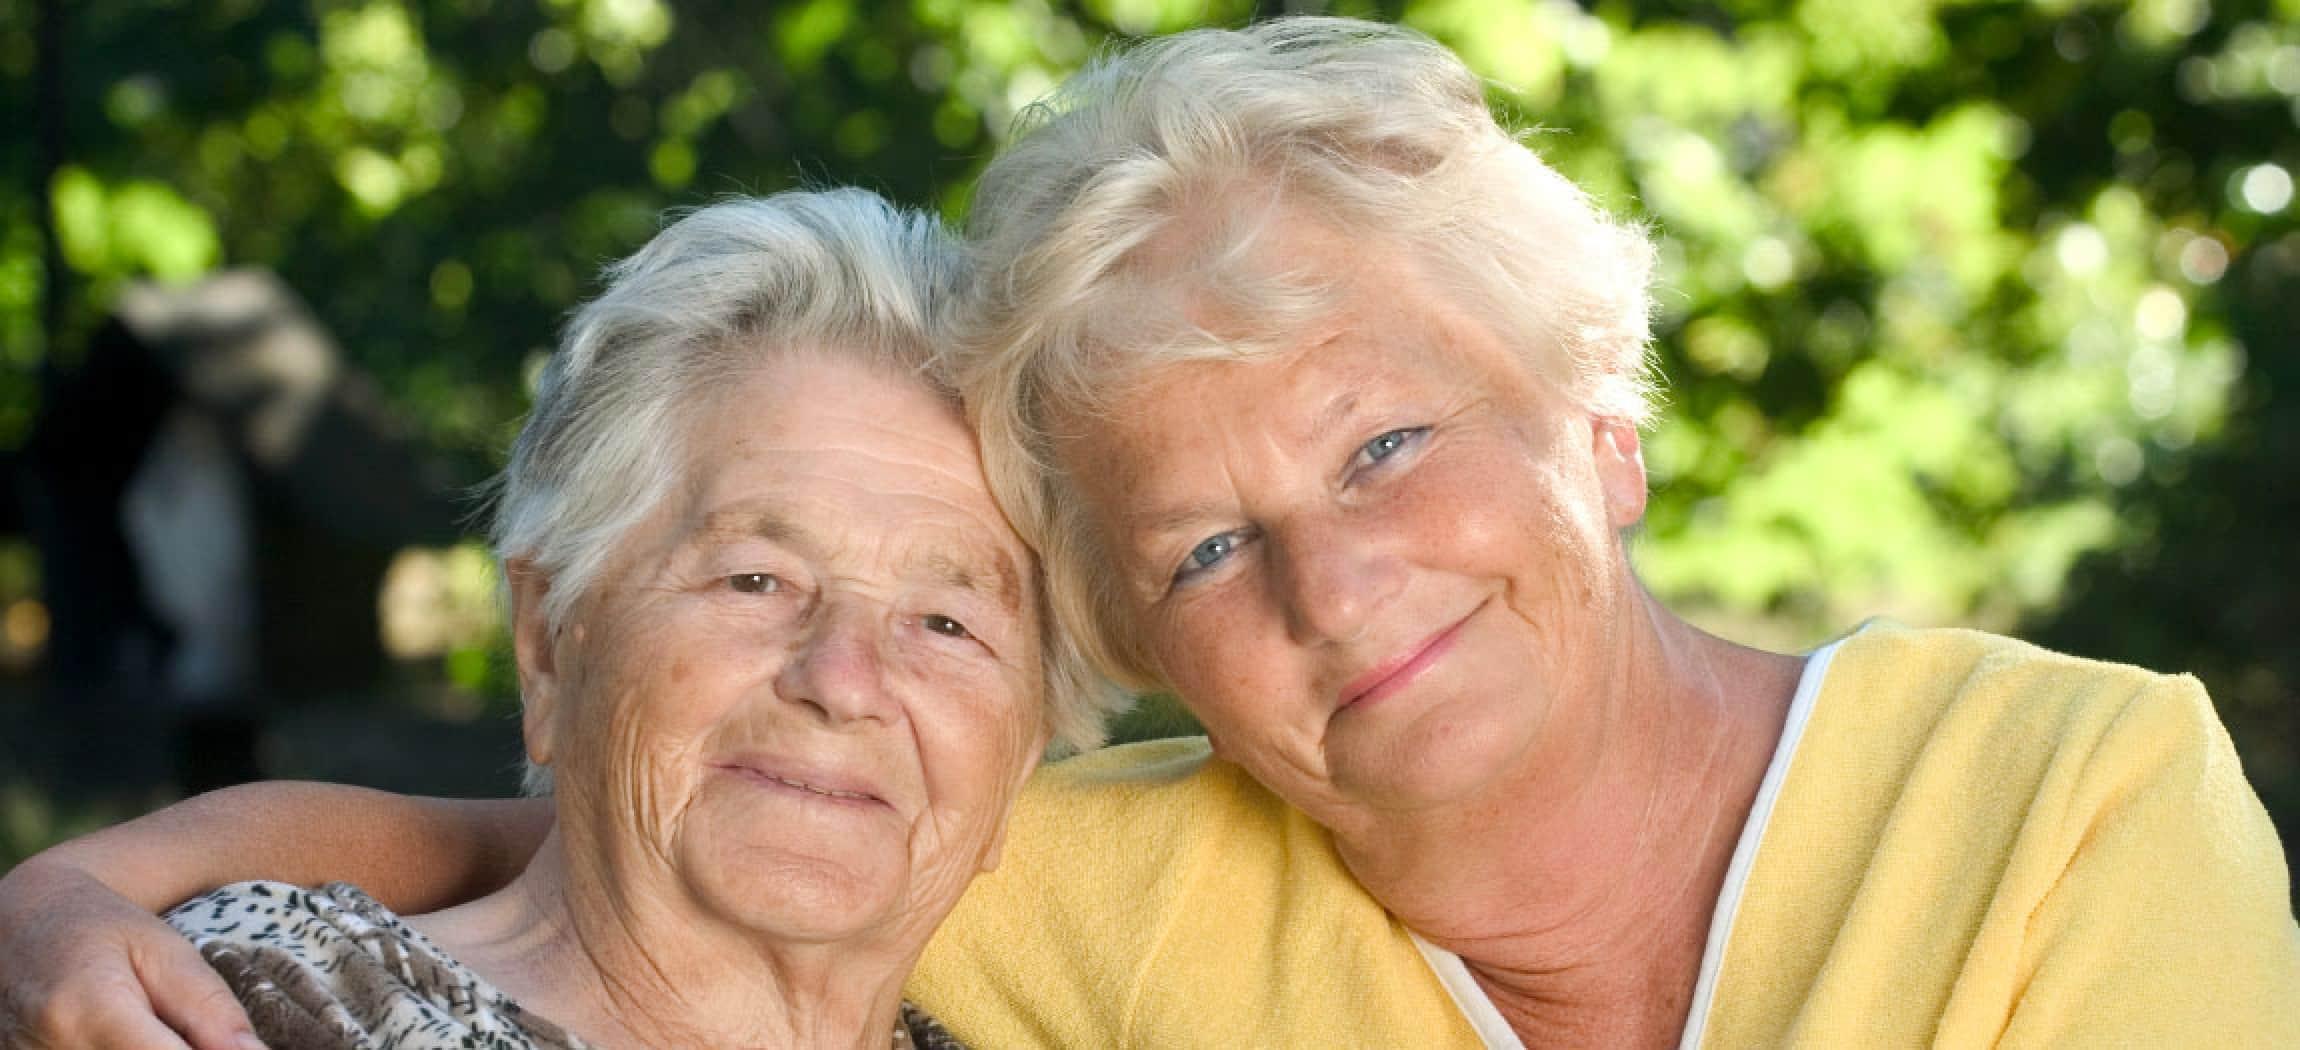 Liefdevolle omhelzing tussen oma en dochter